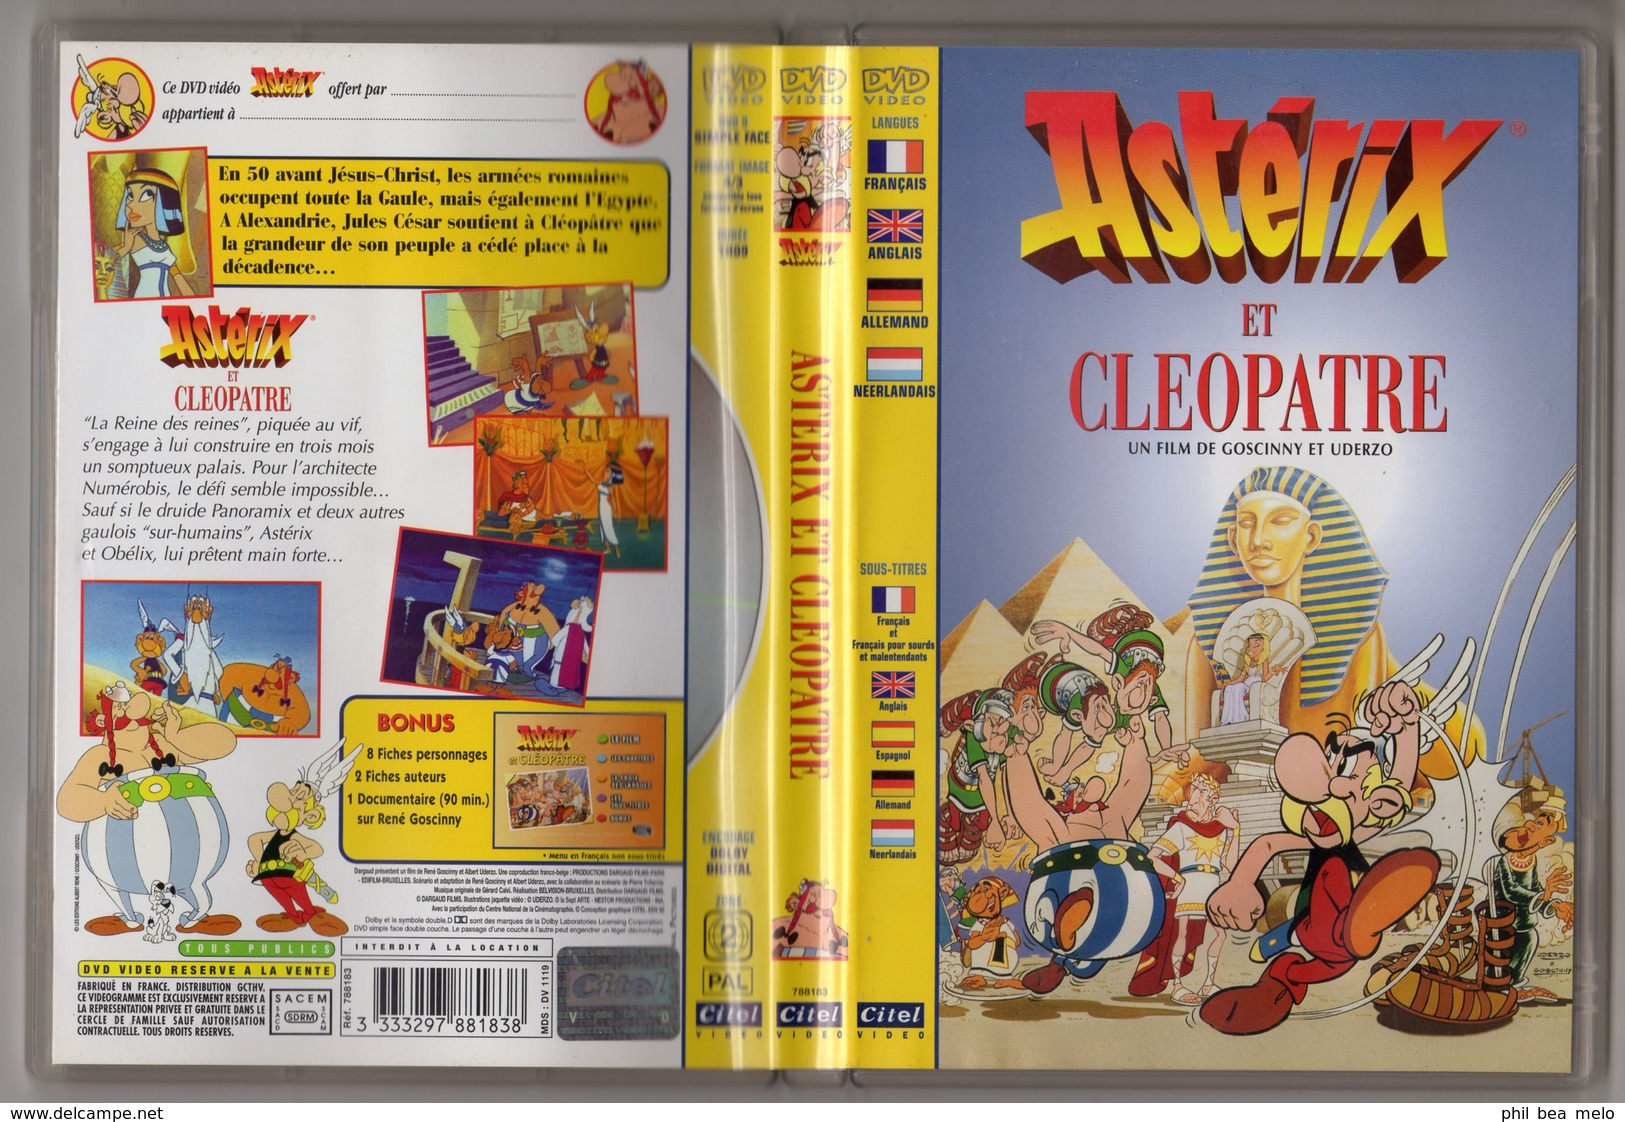 CINEMA - LOT 3 DVDs - ASTERIX LE GAULOIS - ASTERIX ET CLEOPATRE - LES 12 TRAVAUX - VOIR PHOTOS ET DESCRIPTIONS - Dessin Animé